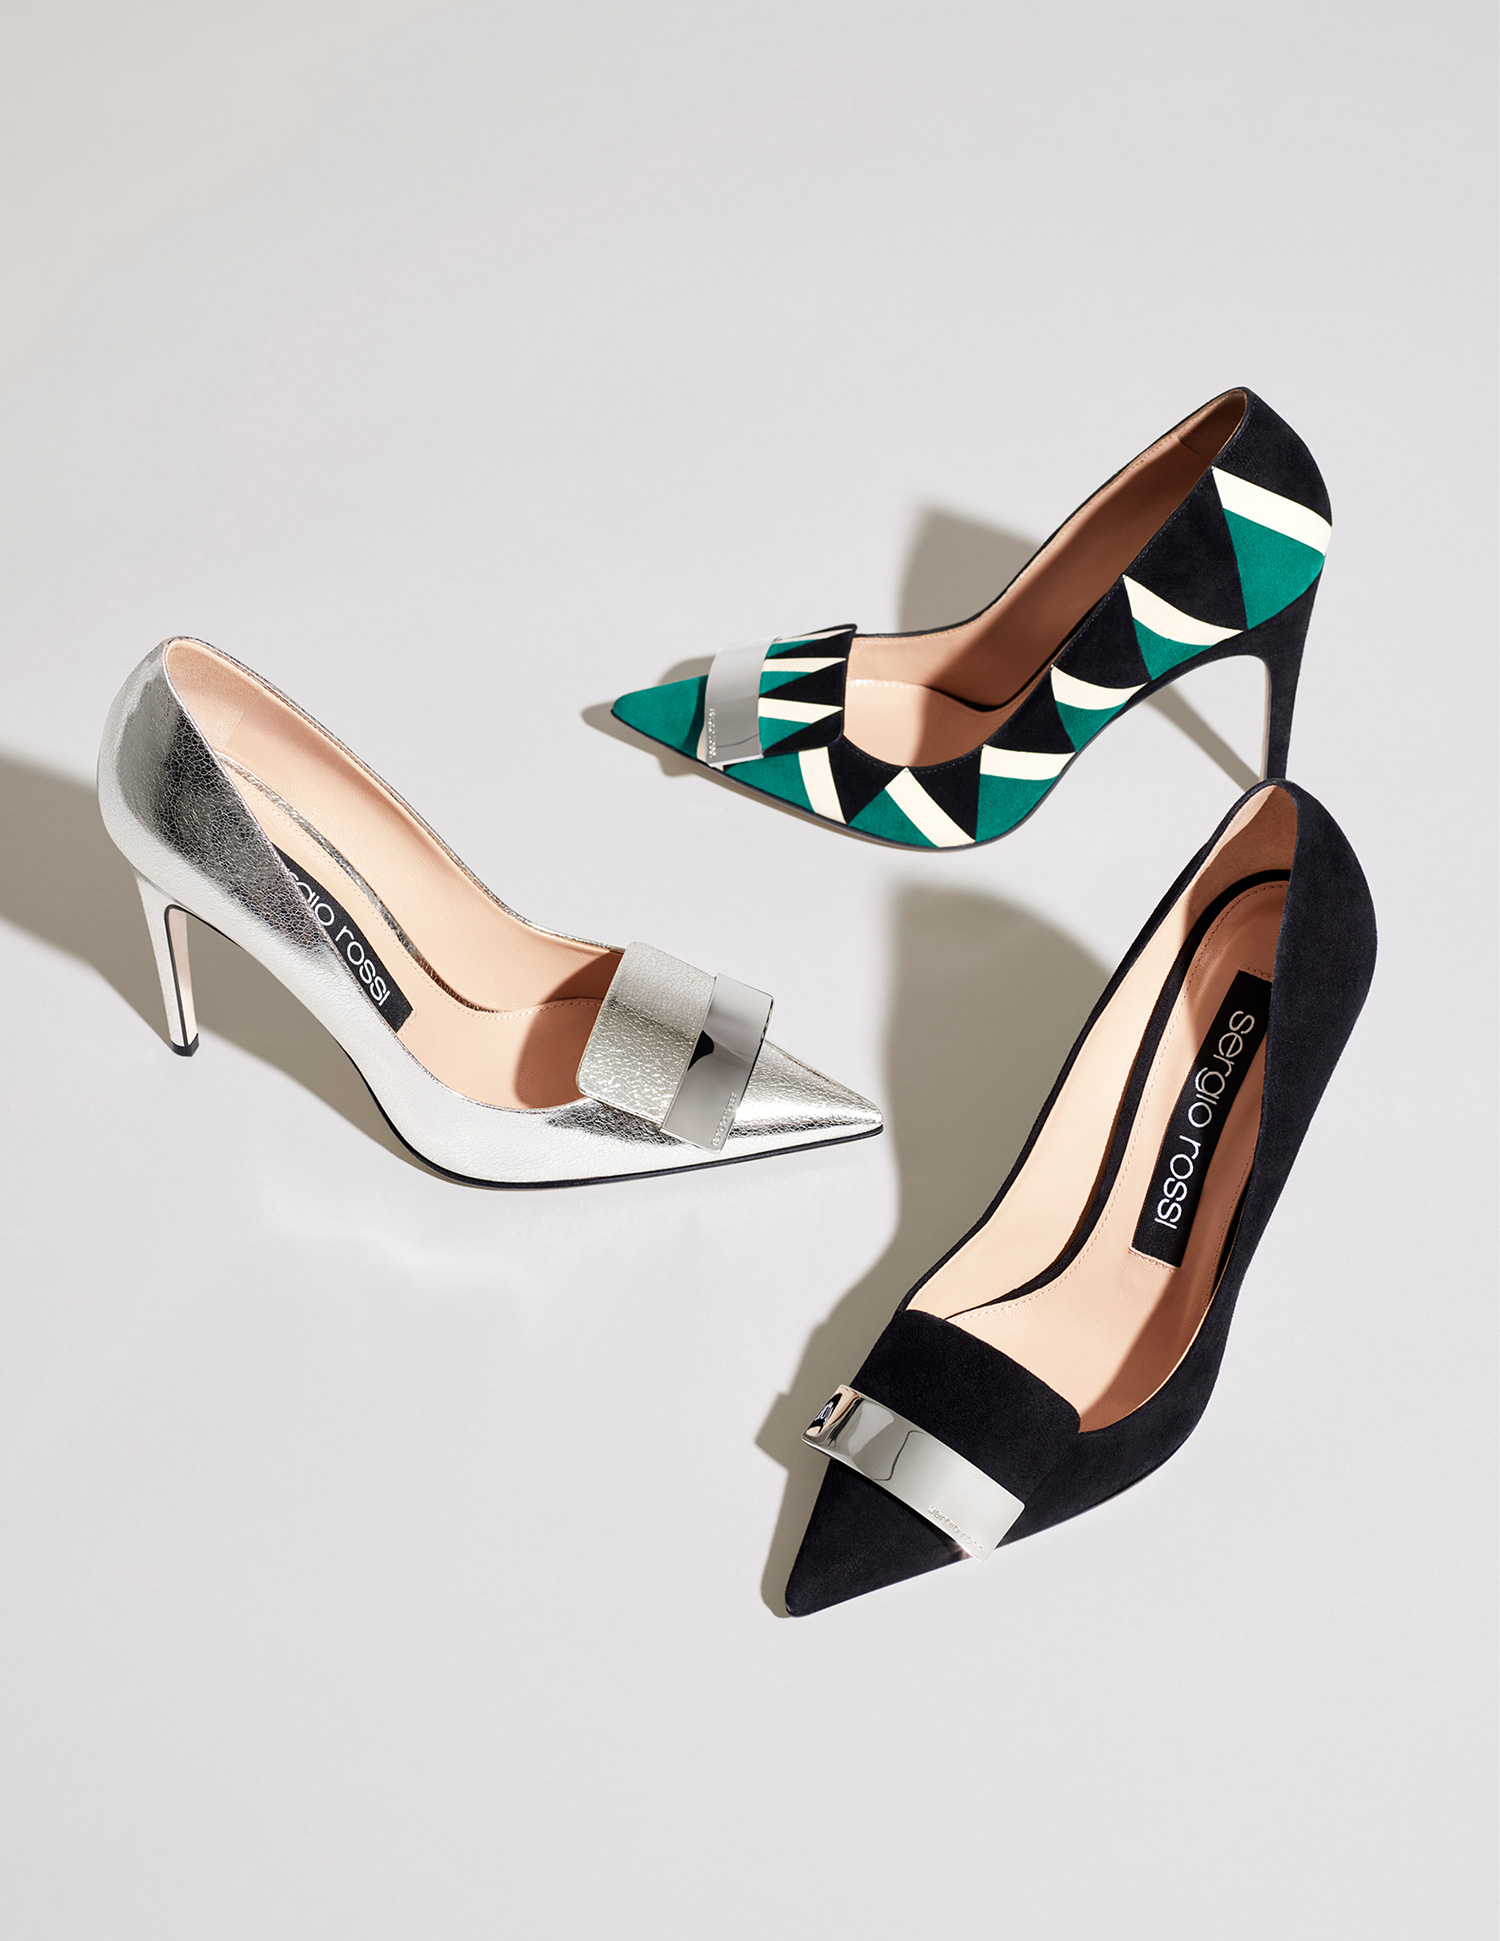 bst giày của nhà thiết kế sergio rossi